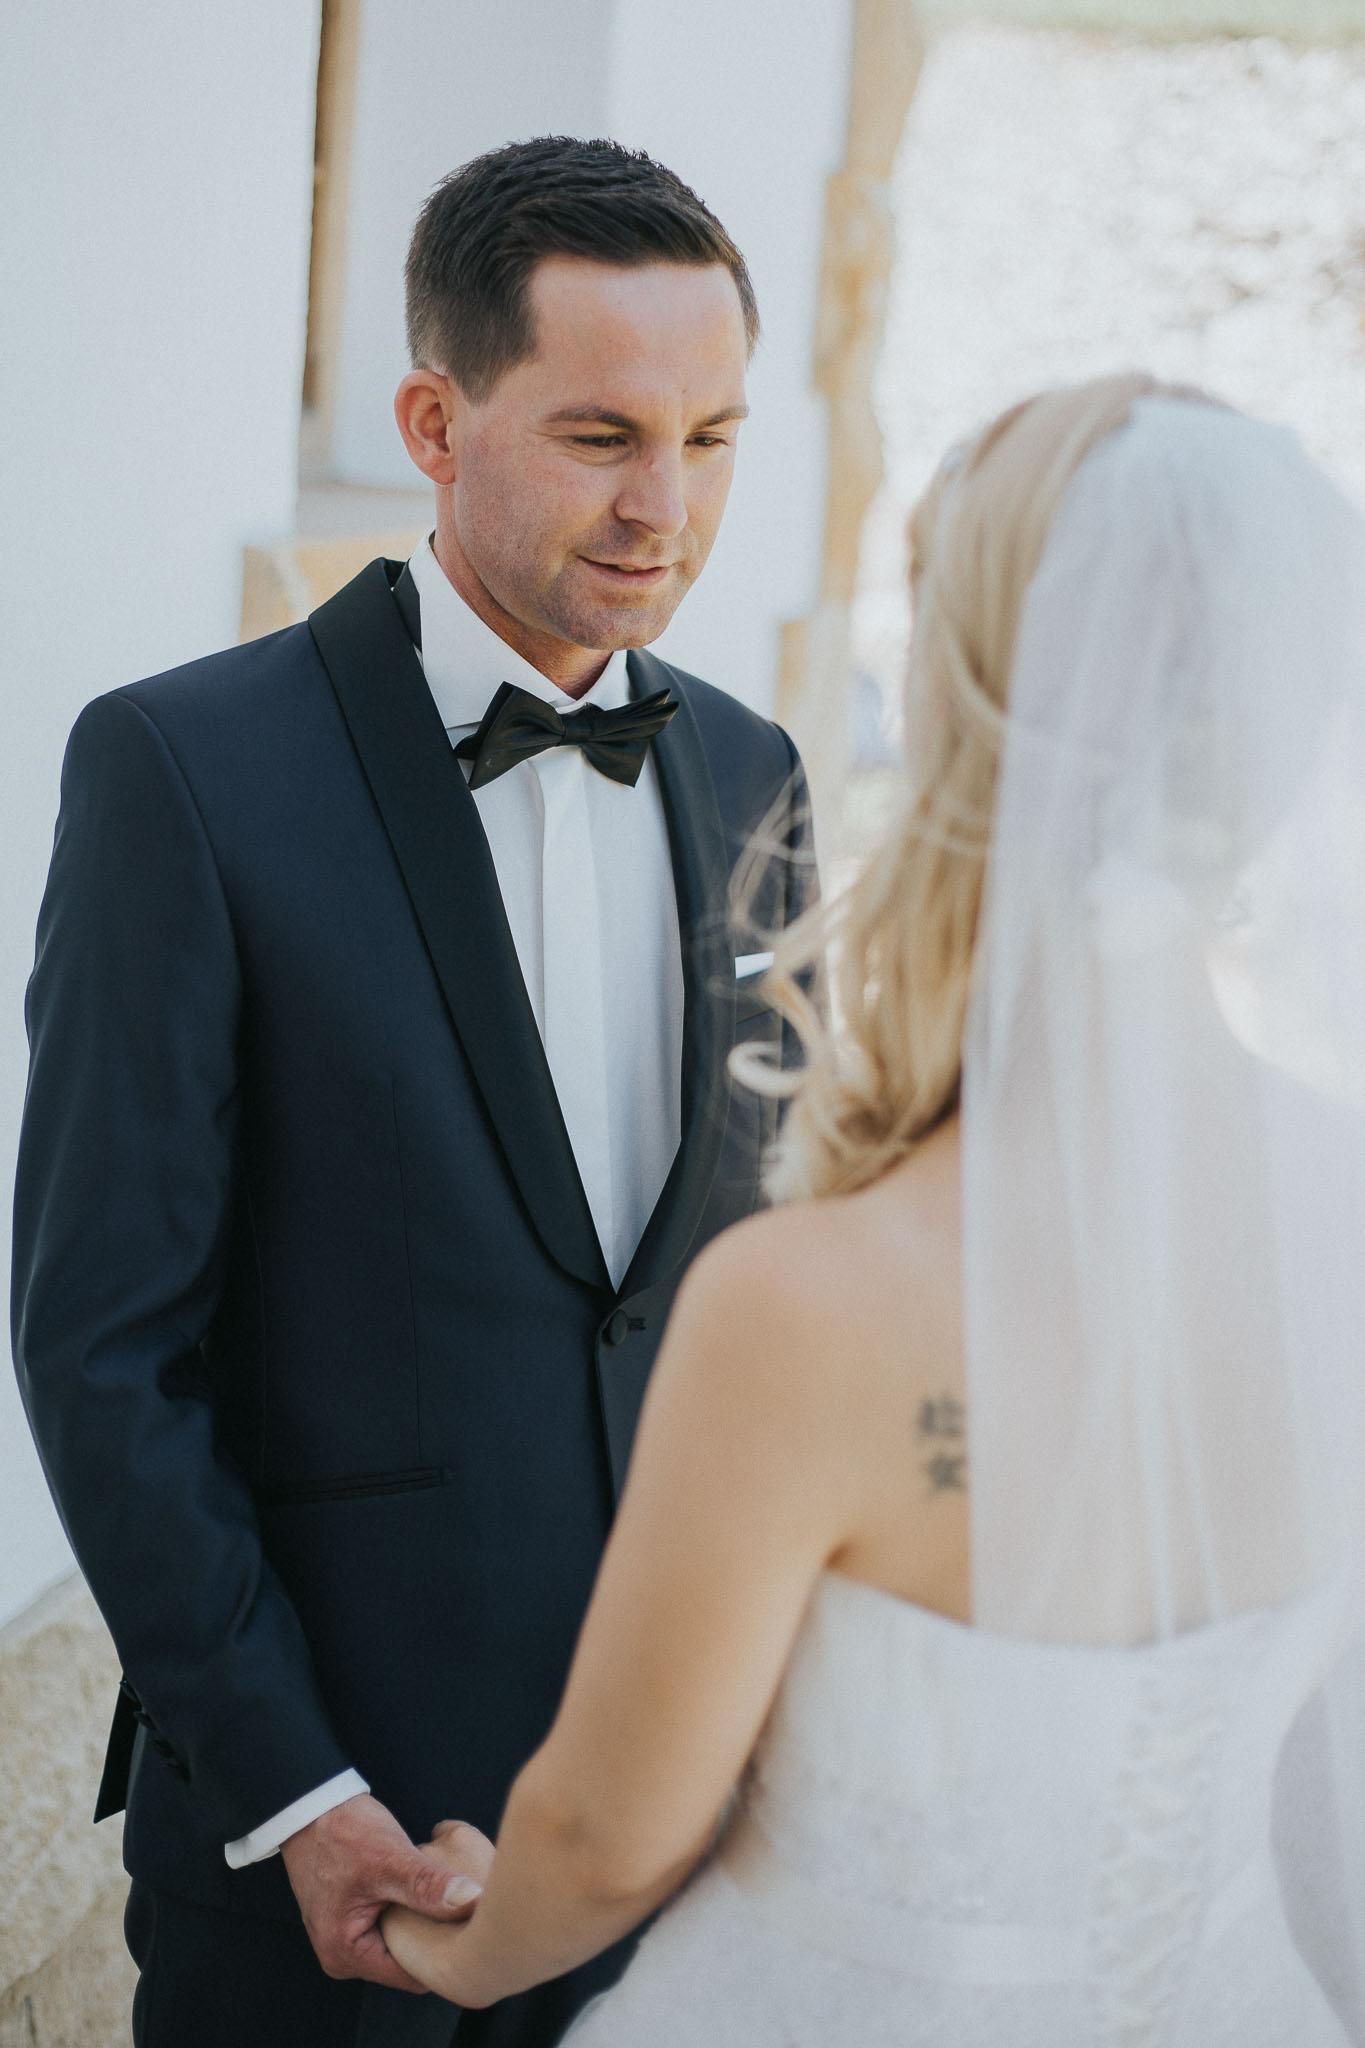 Braut und Bräutigam - Hochzeitsfotografin Maren Scheffler